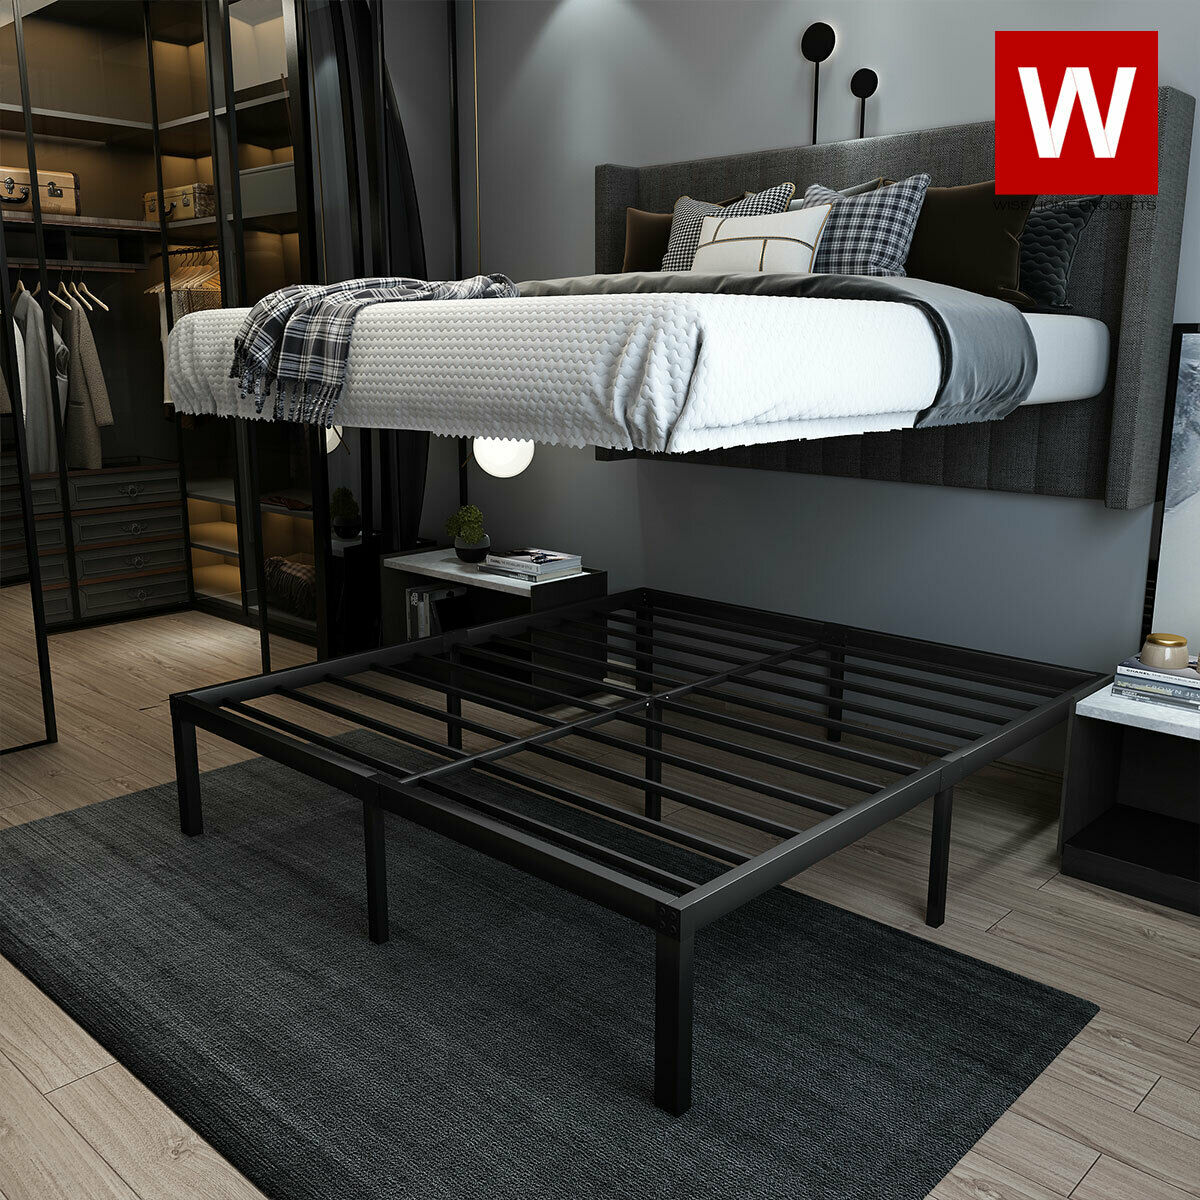 Picture of: Flex Form Arch Platform Bed Frame California King For Sale Online Ebay